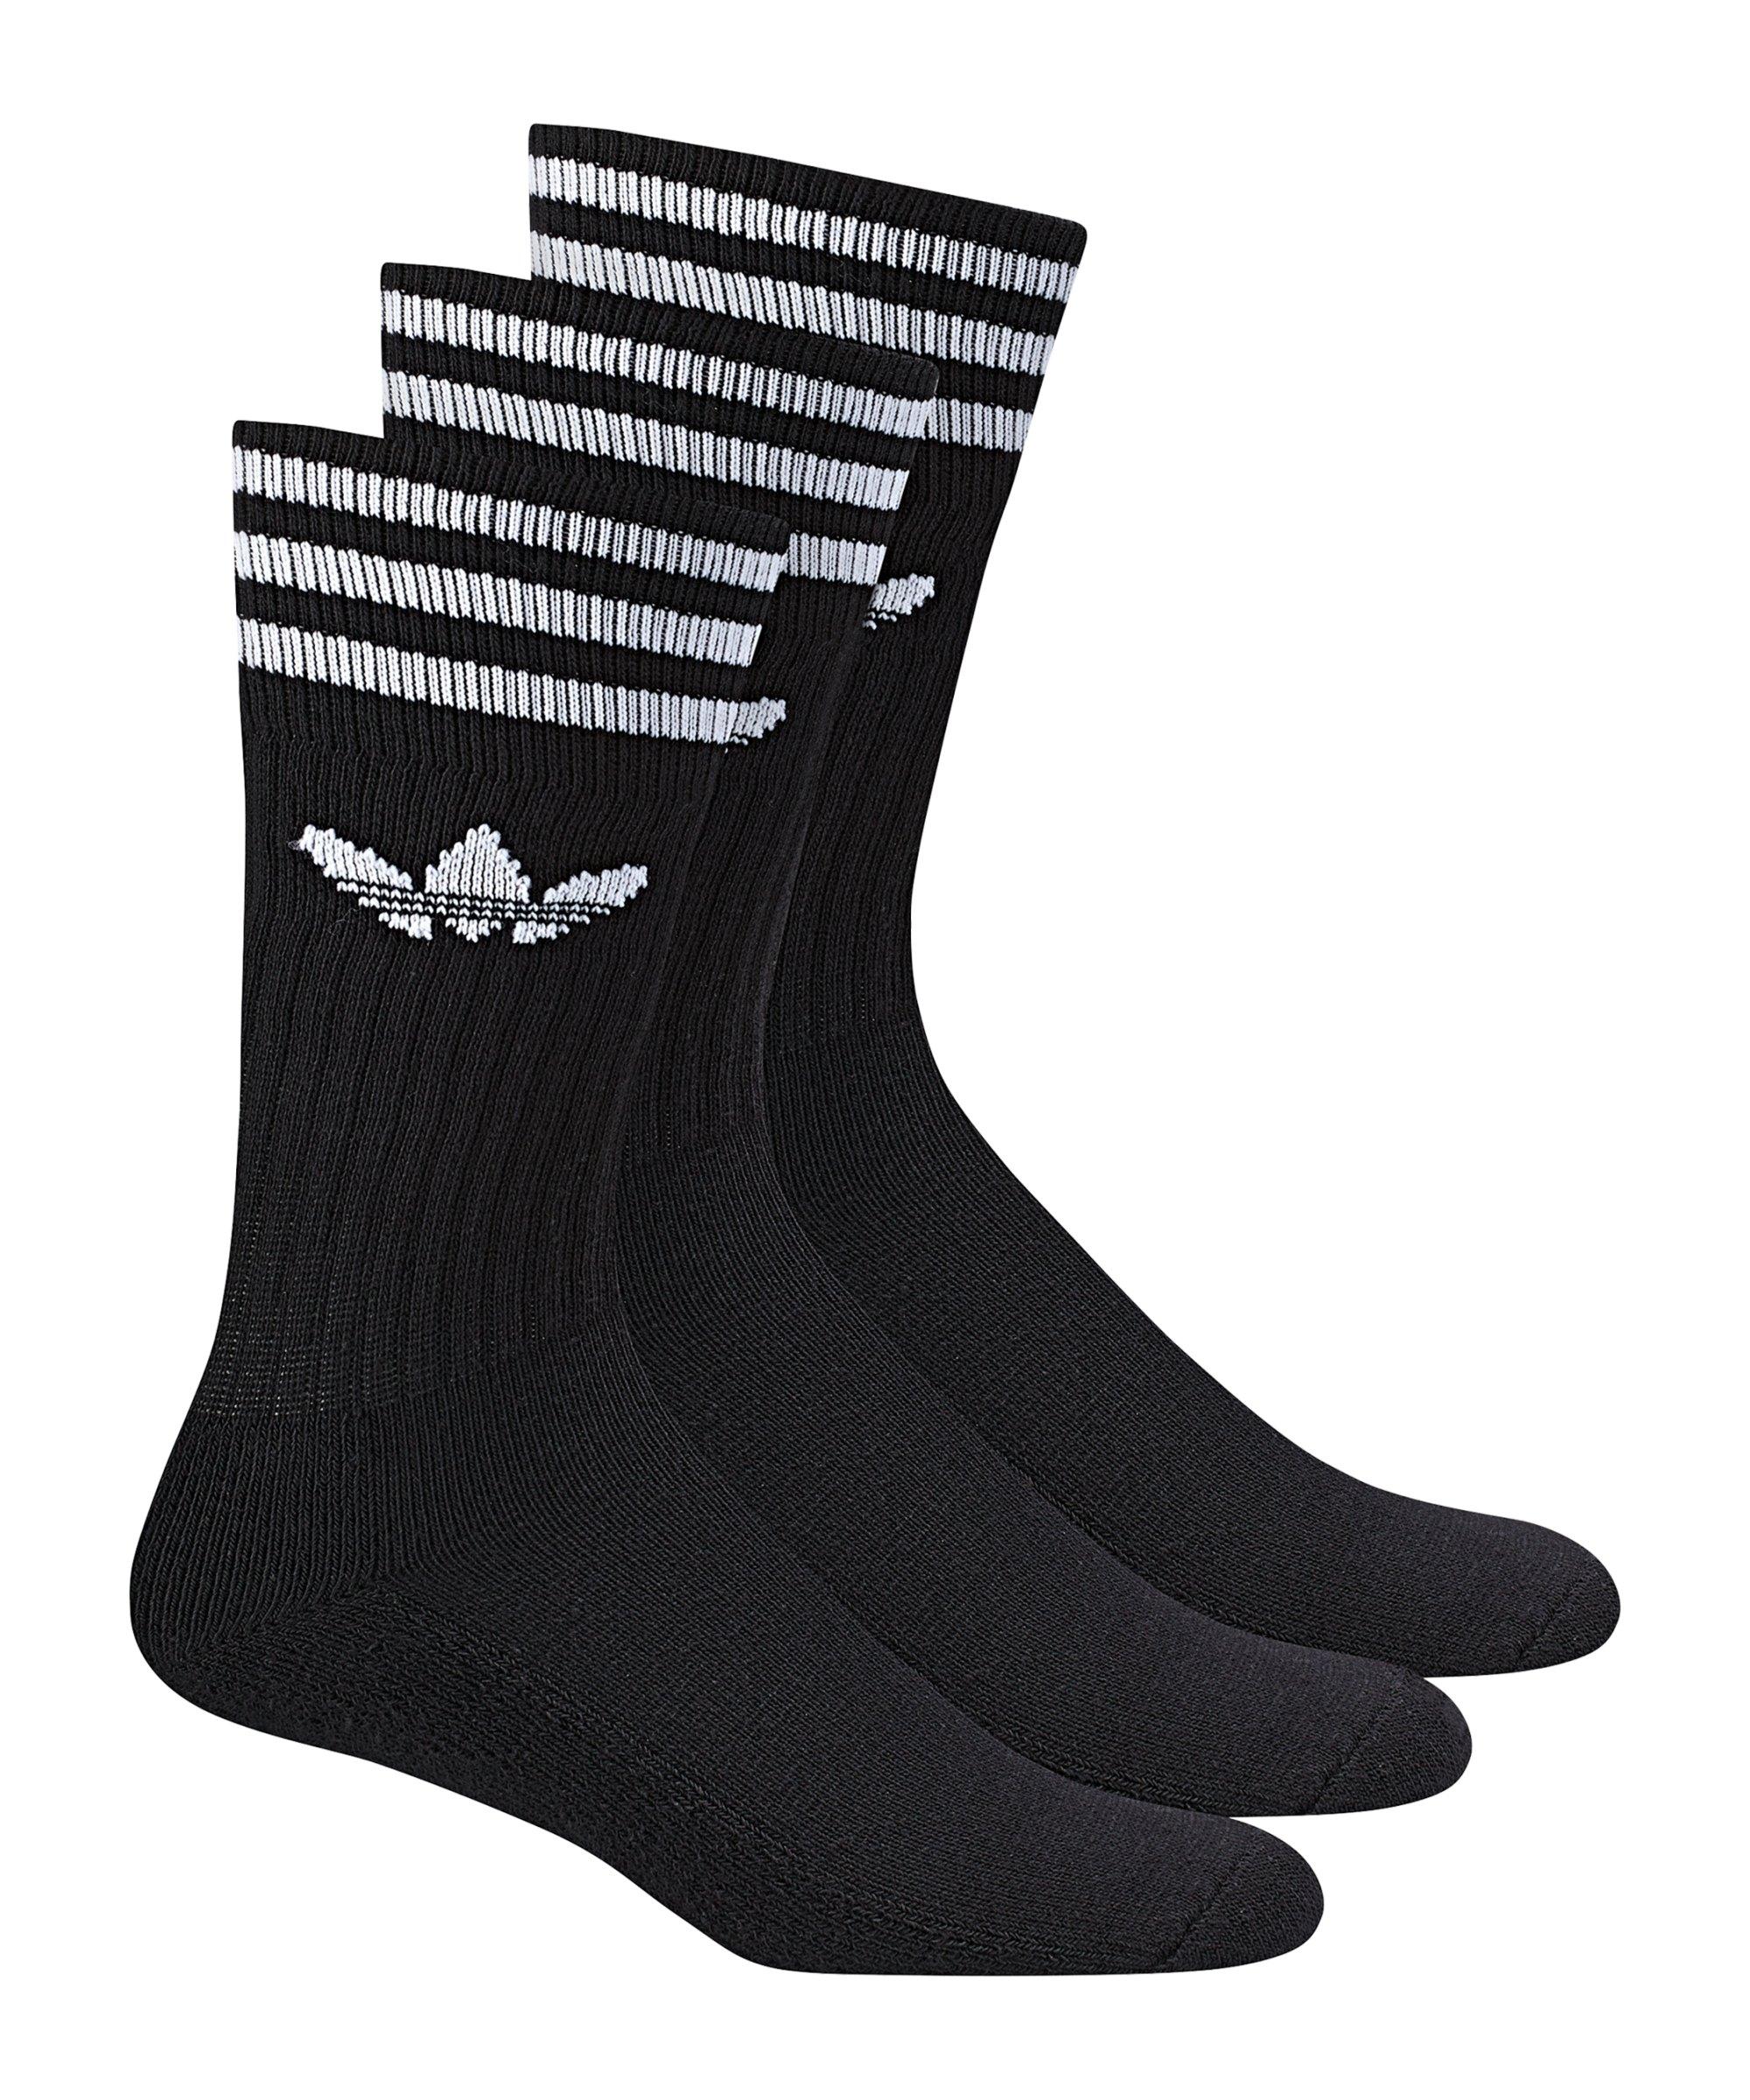 adidas Socken Solid Crew 3er Pack Schwarz - schwarz